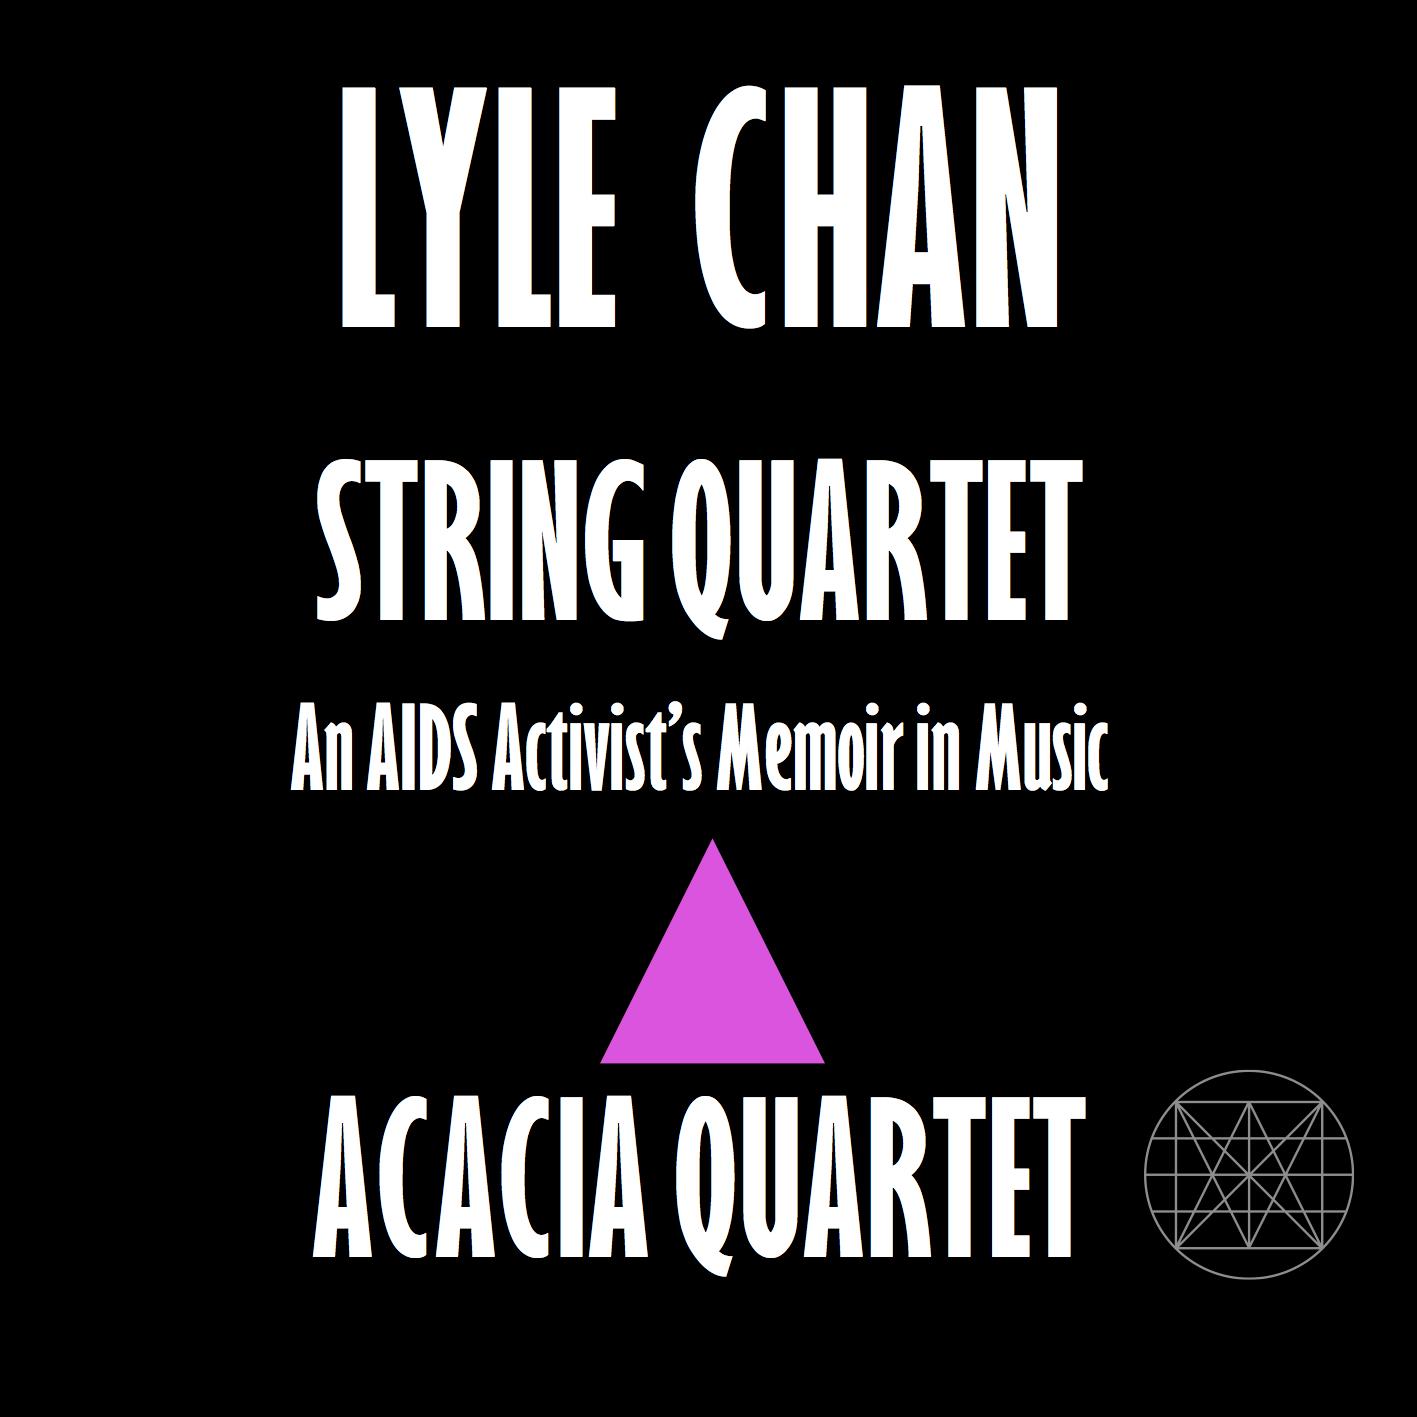 String Quartet Album Cover